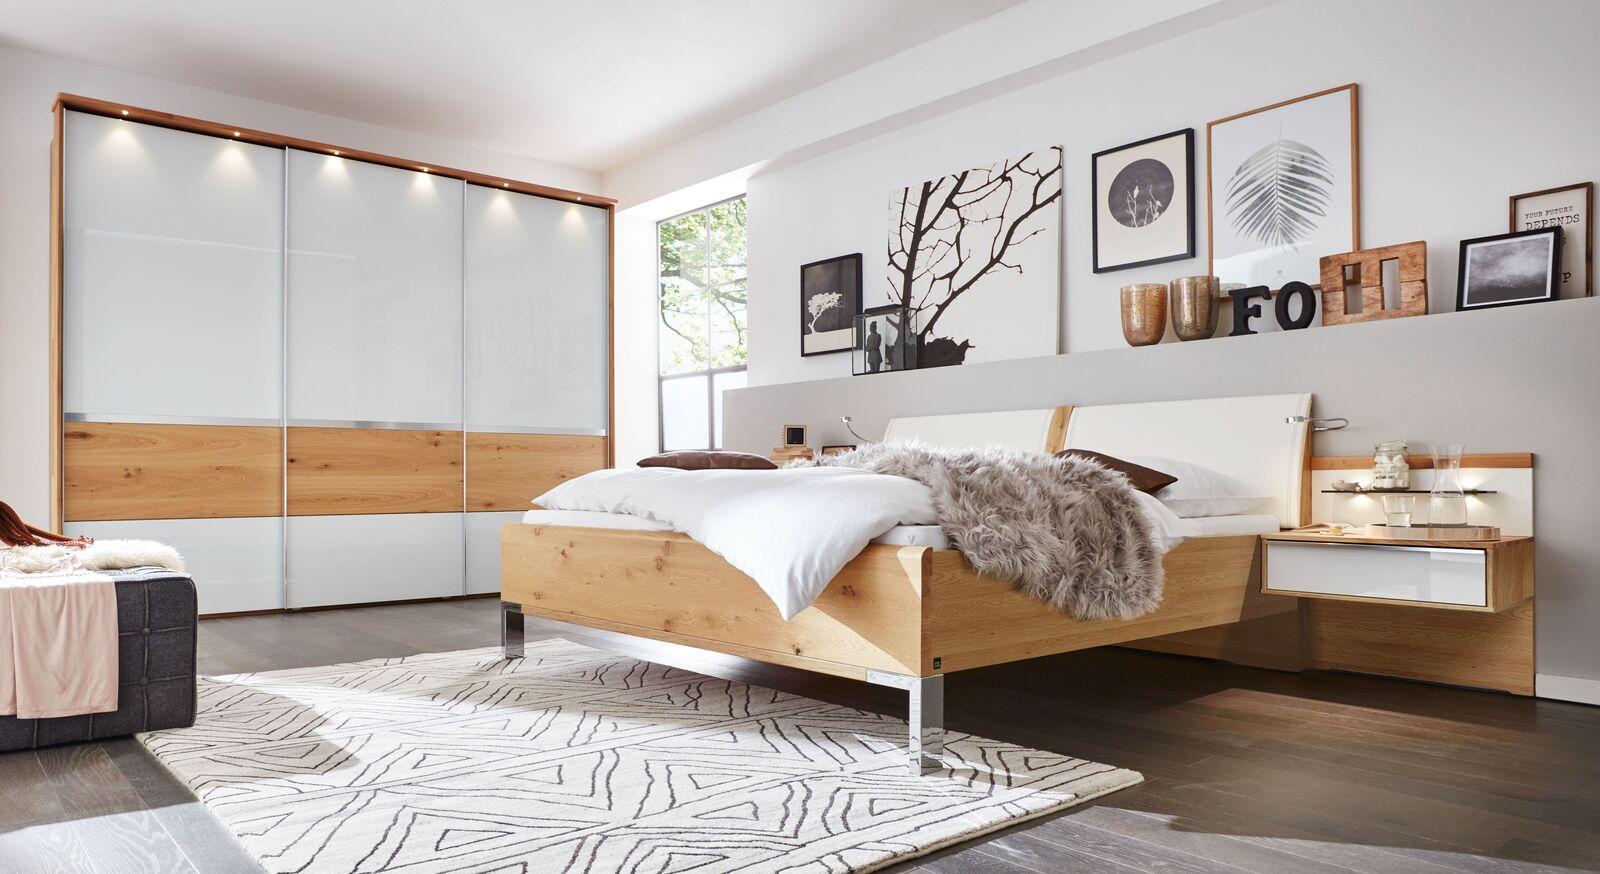 Modernes INTERLIVING Schlafzimmer 1202 mit Zubehör